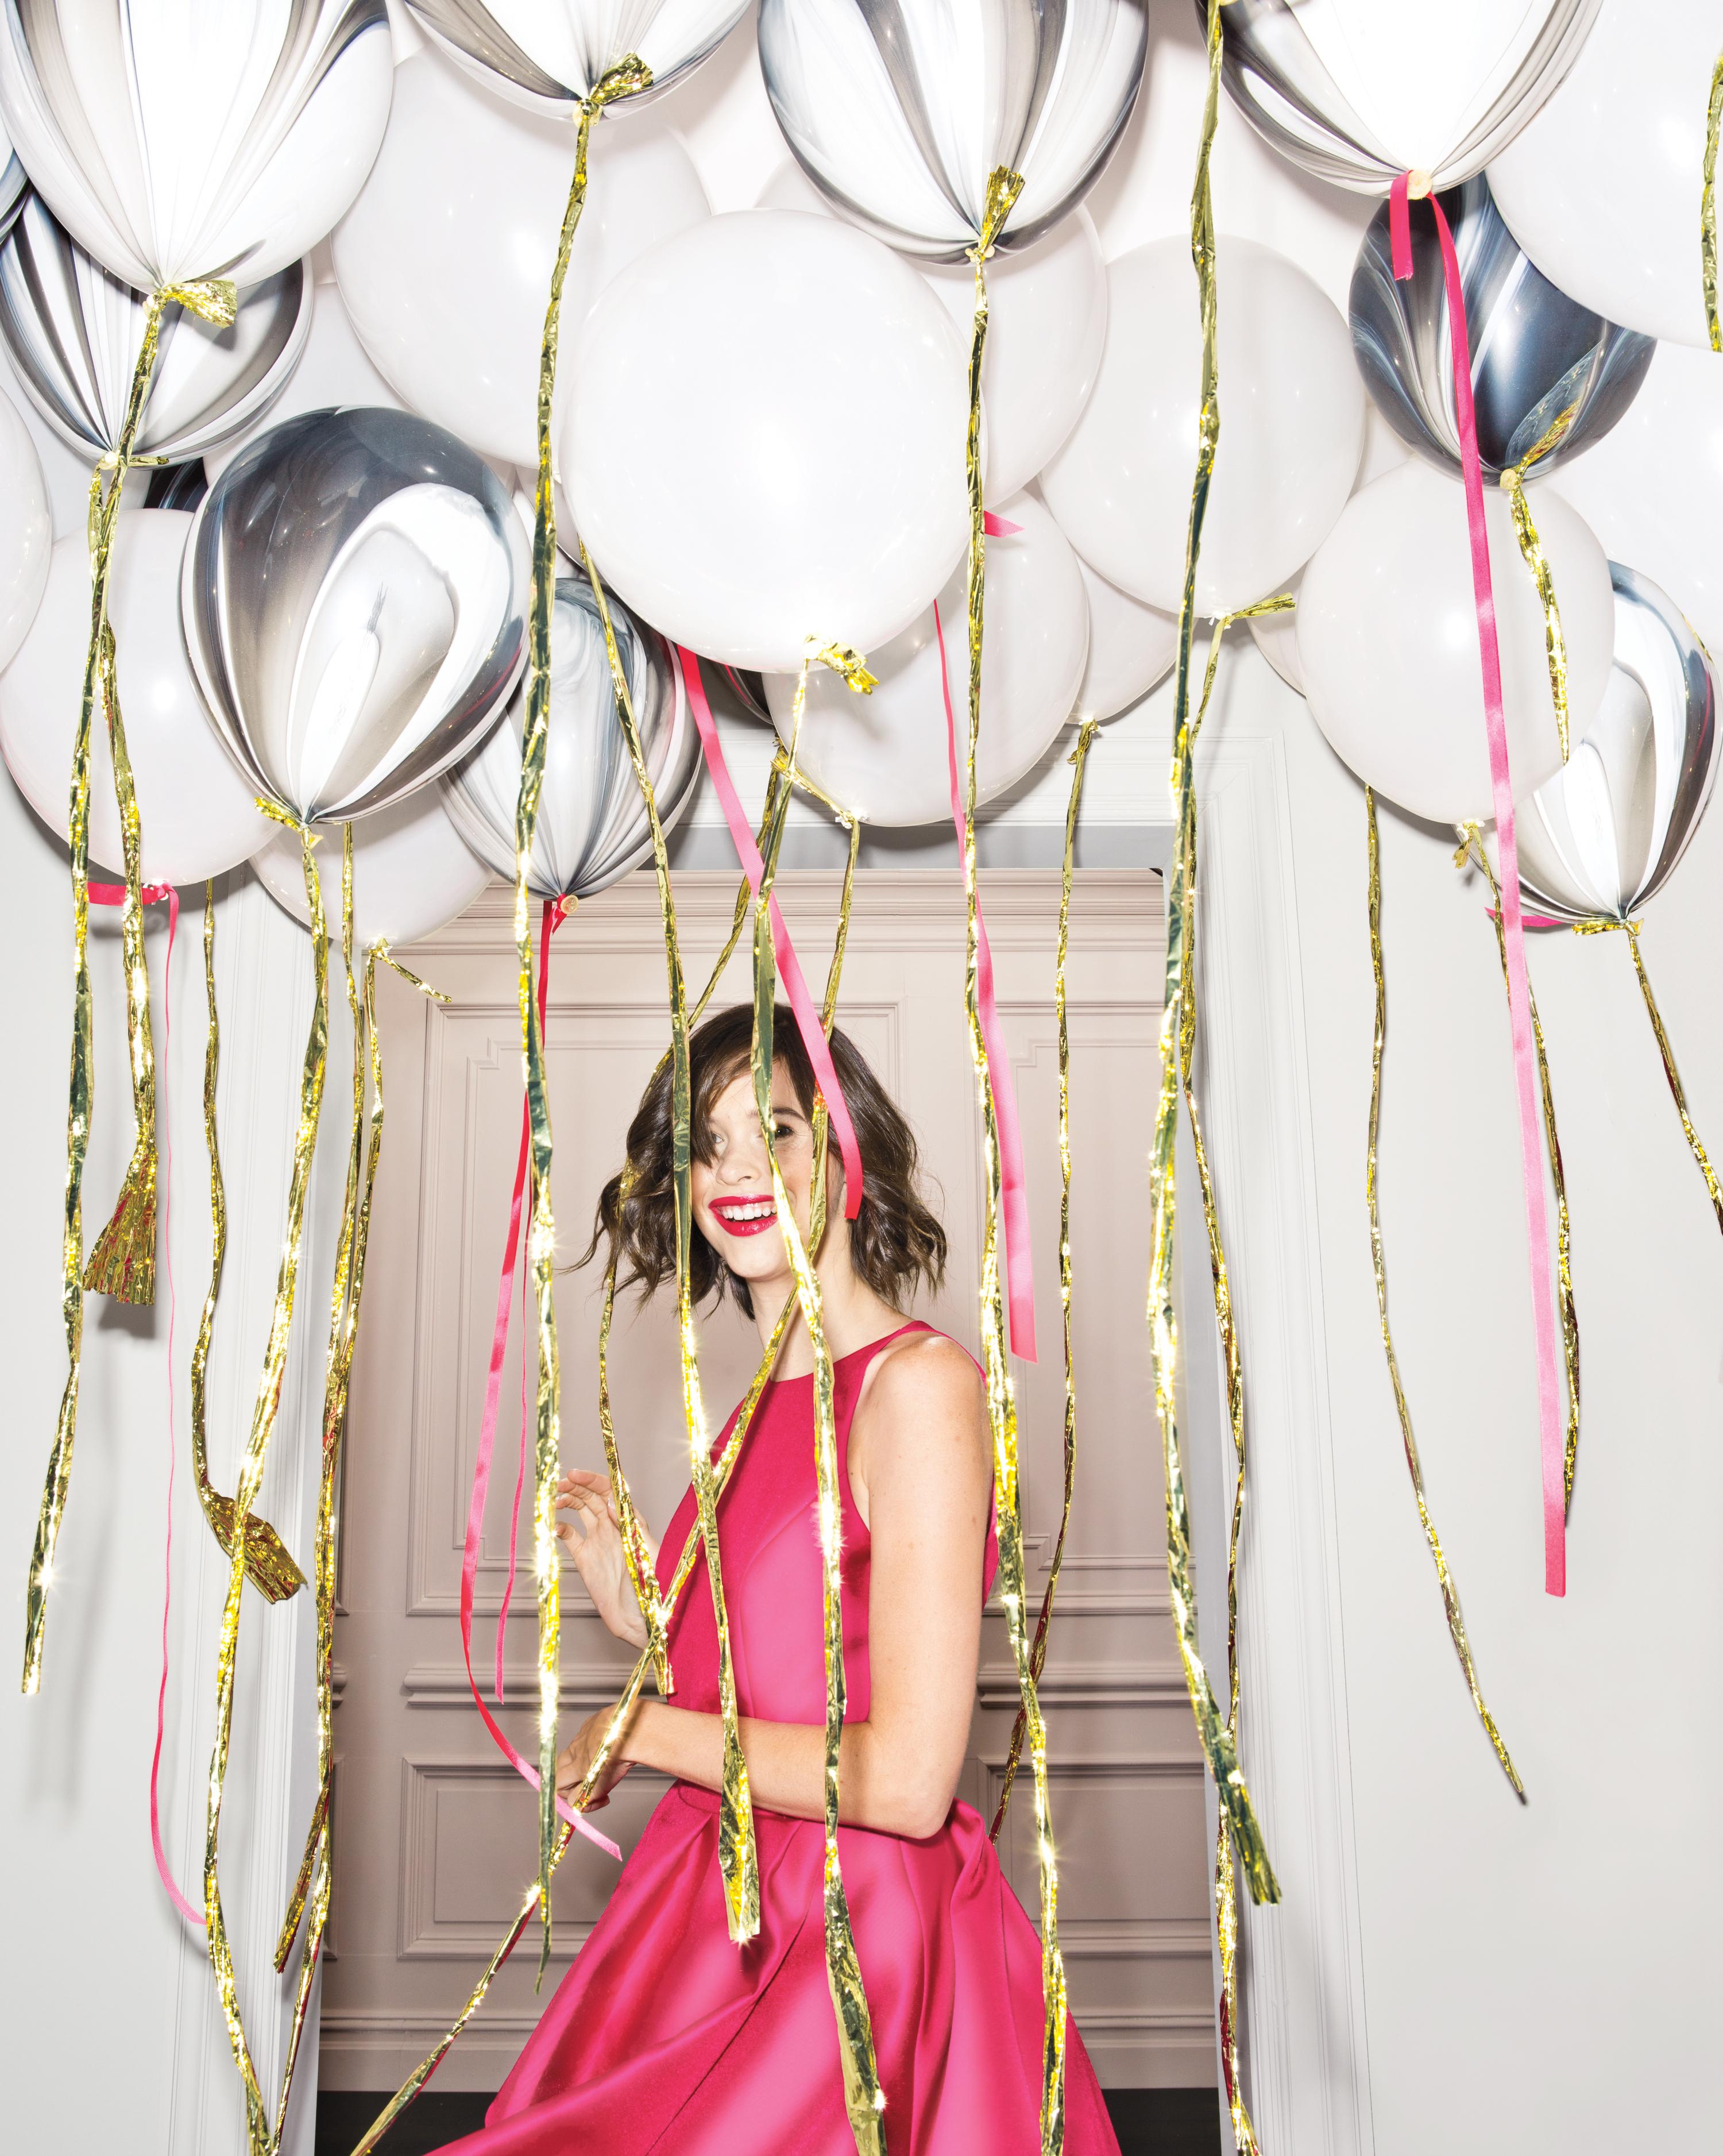 balloons-woman-pink-dress-0247-d111518.jpg